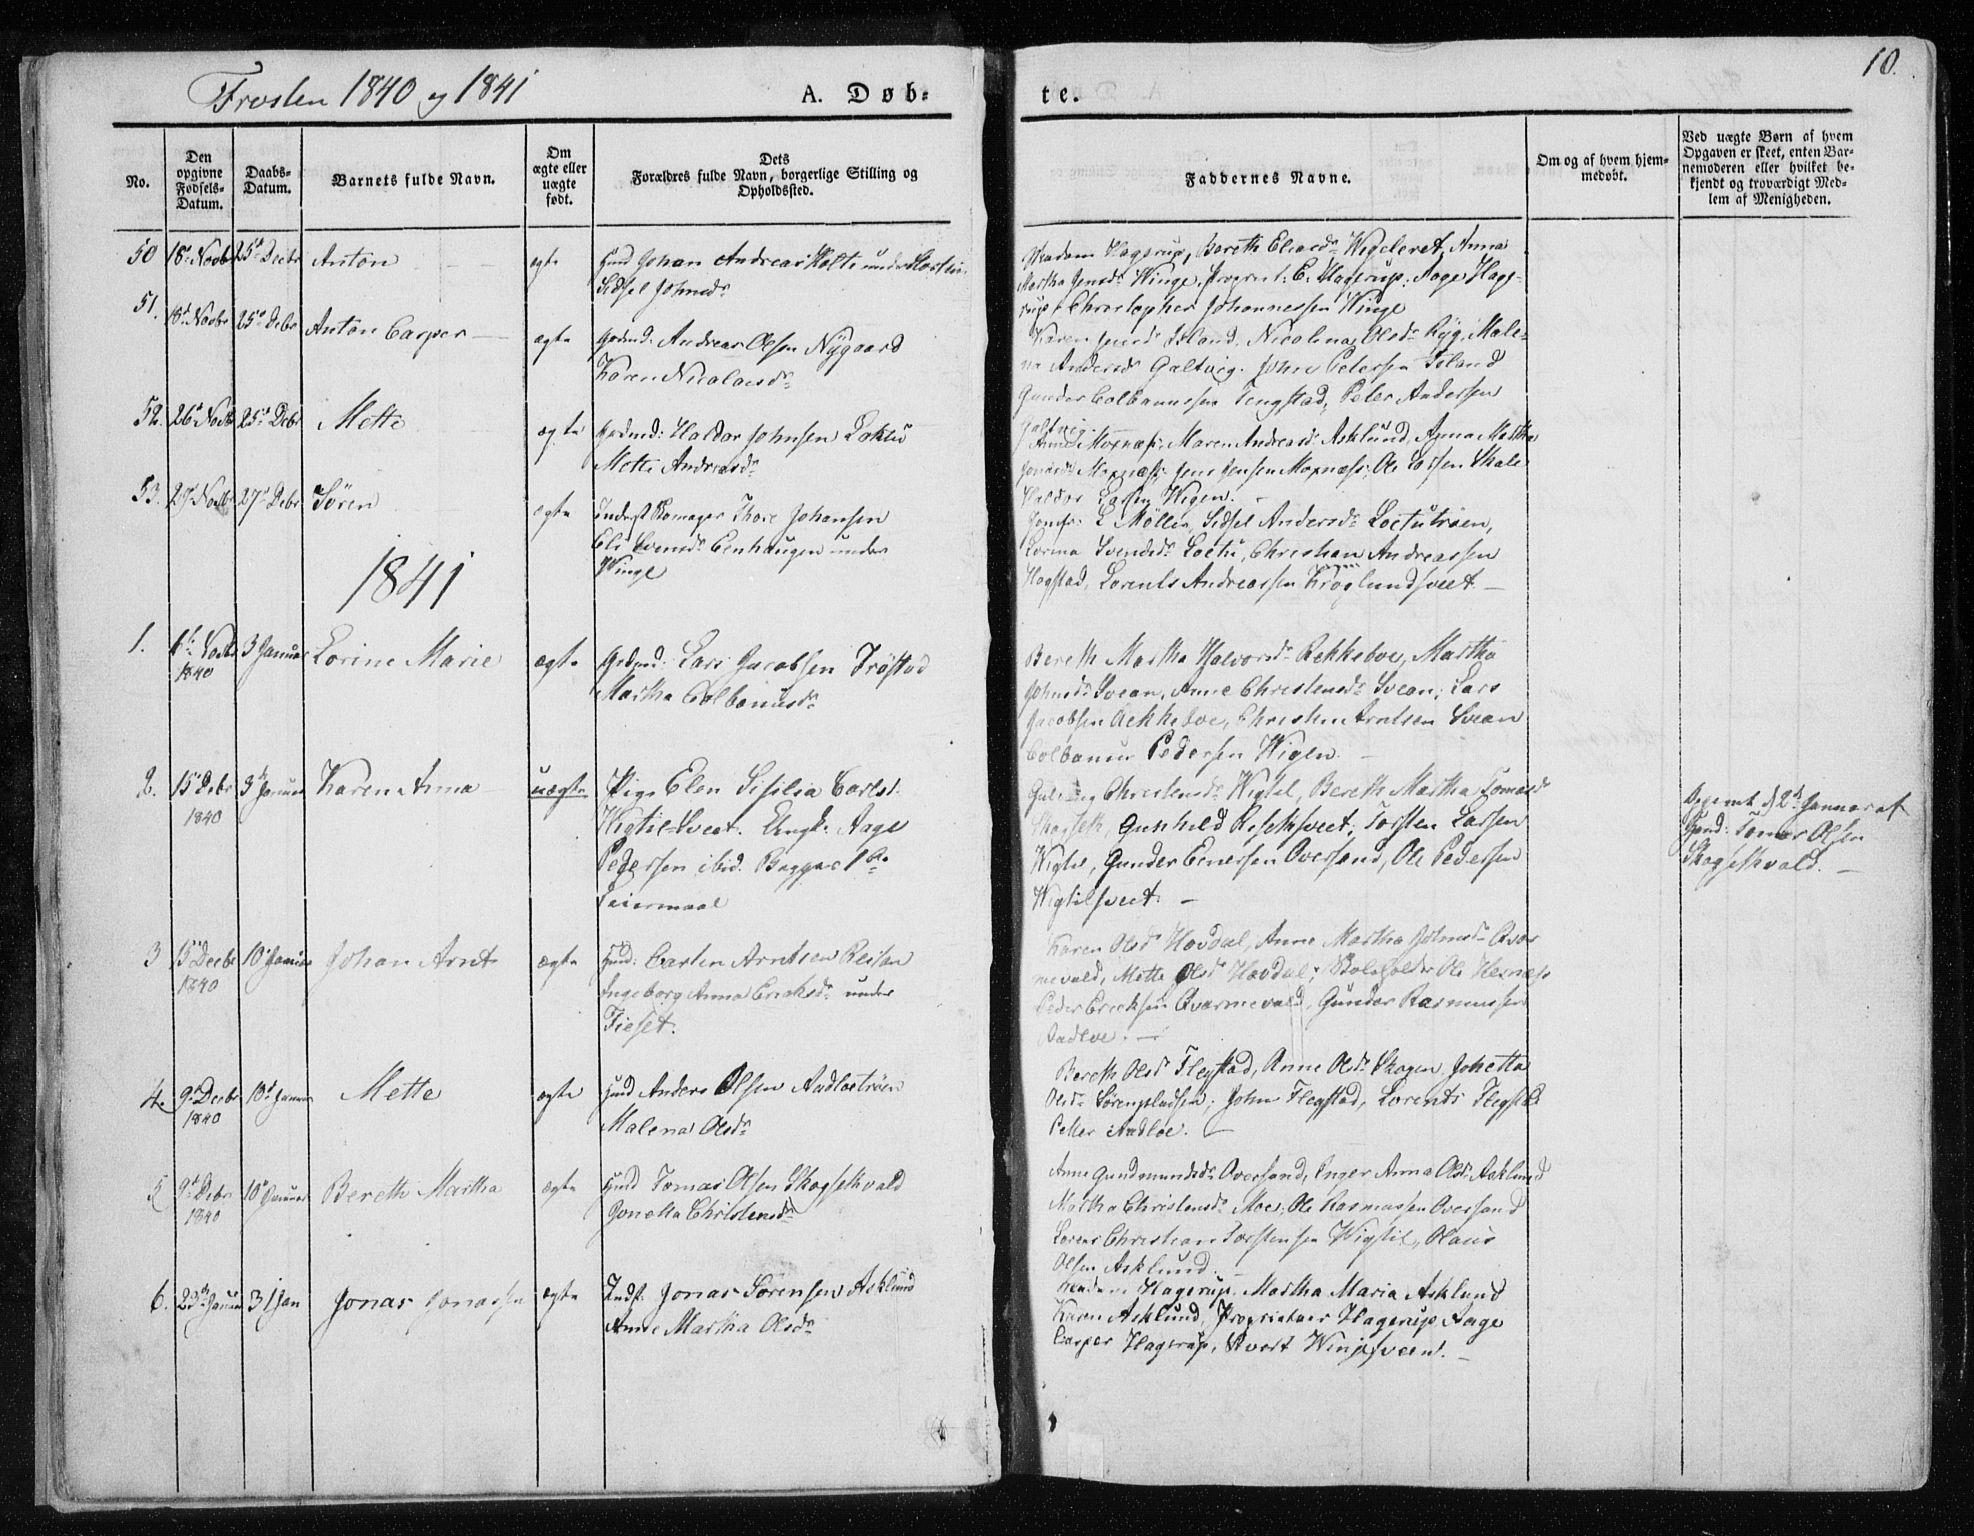 SAT, Ministerialprotokoller, klokkerbøker og fødselsregistre - Nord-Trøndelag, 713/L0115: Ministerialbok nr. 713A06, 1838-1851, s. 10